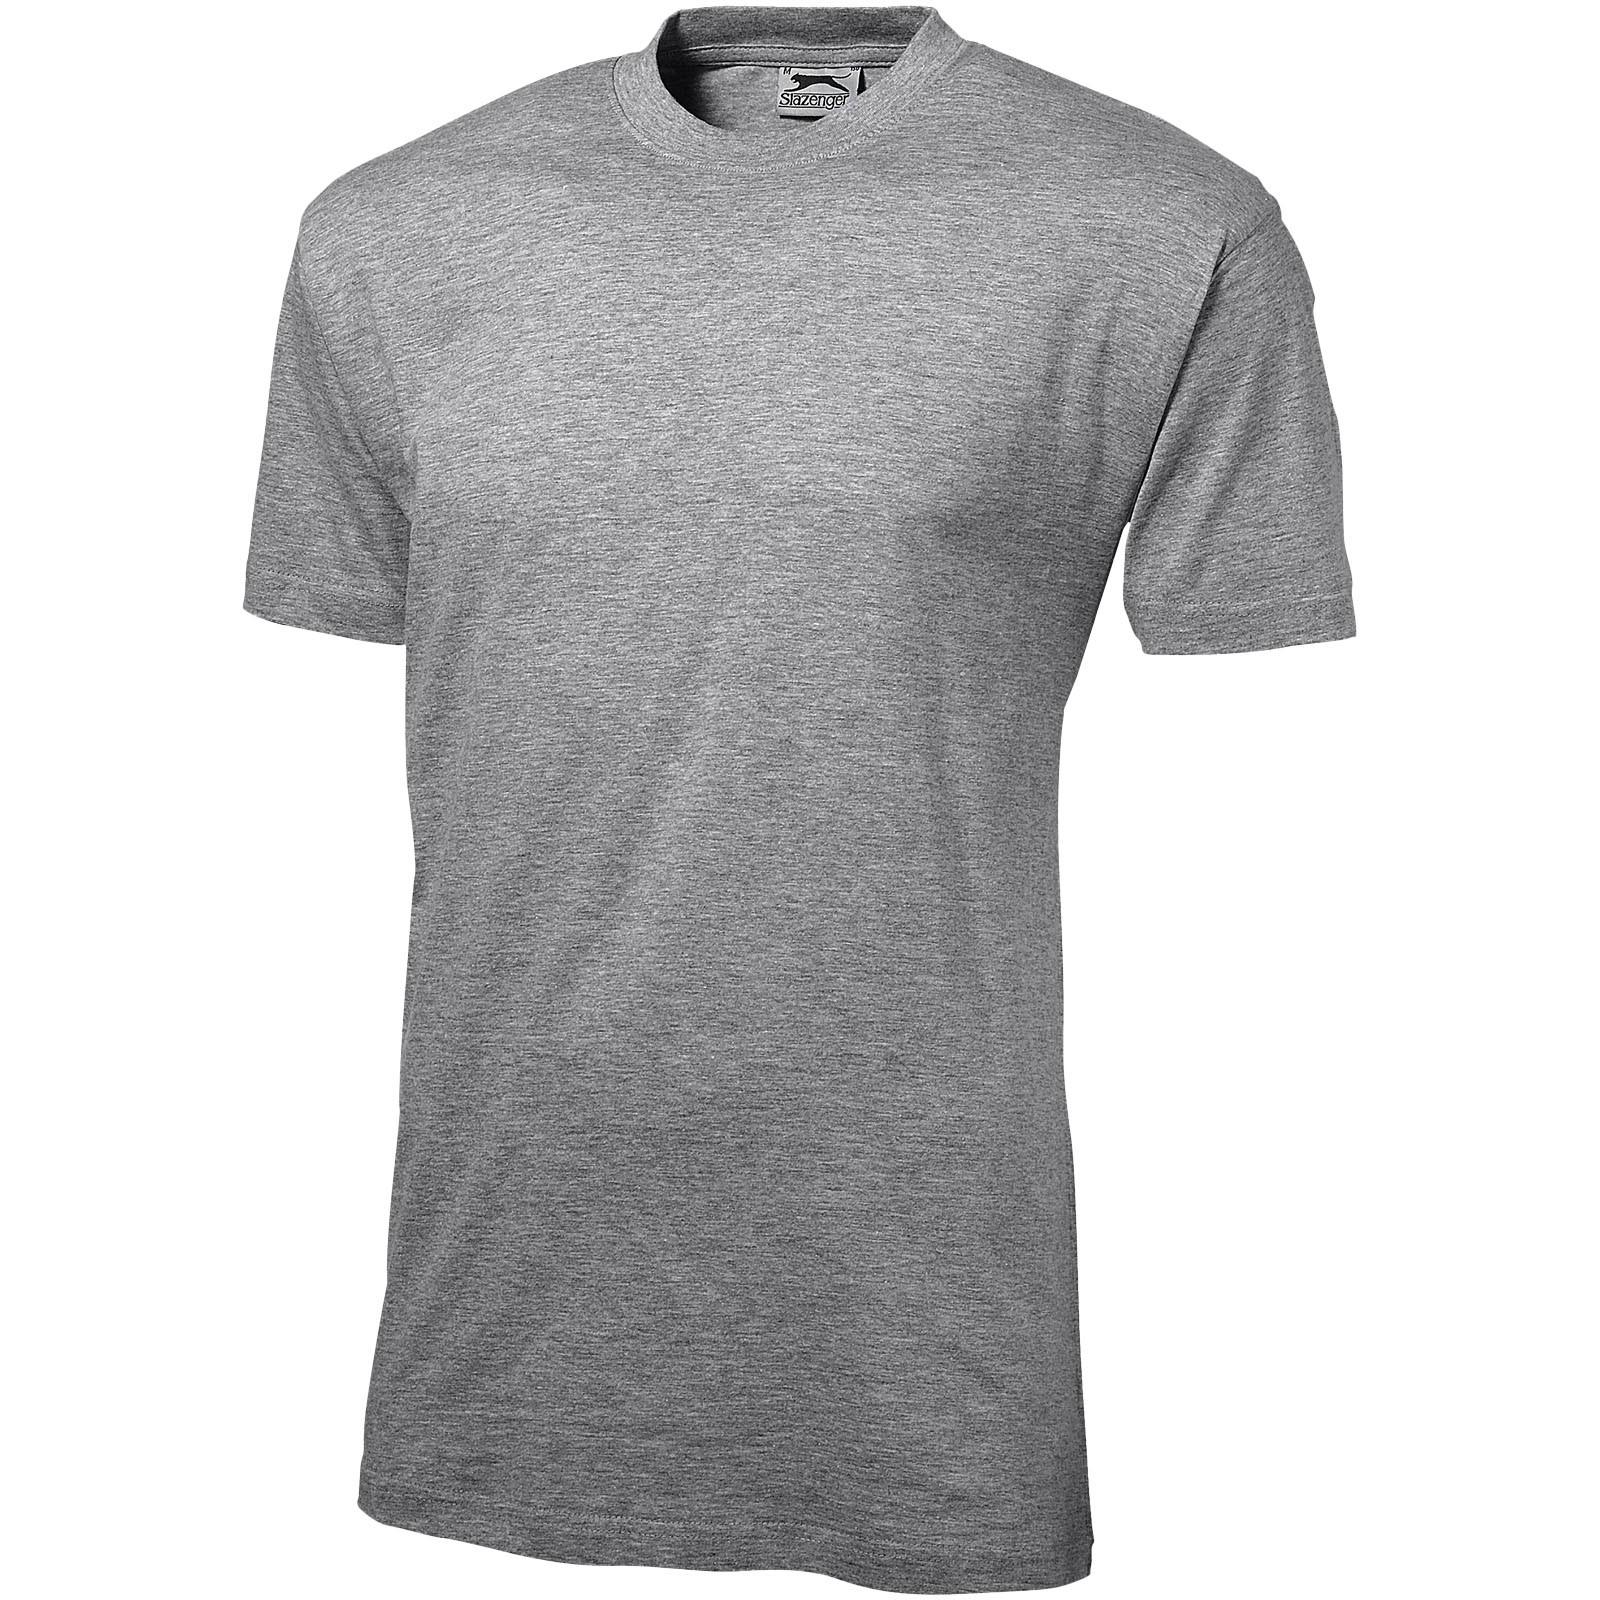 Ace short sleeve men's t-shirt - Sport grey / M